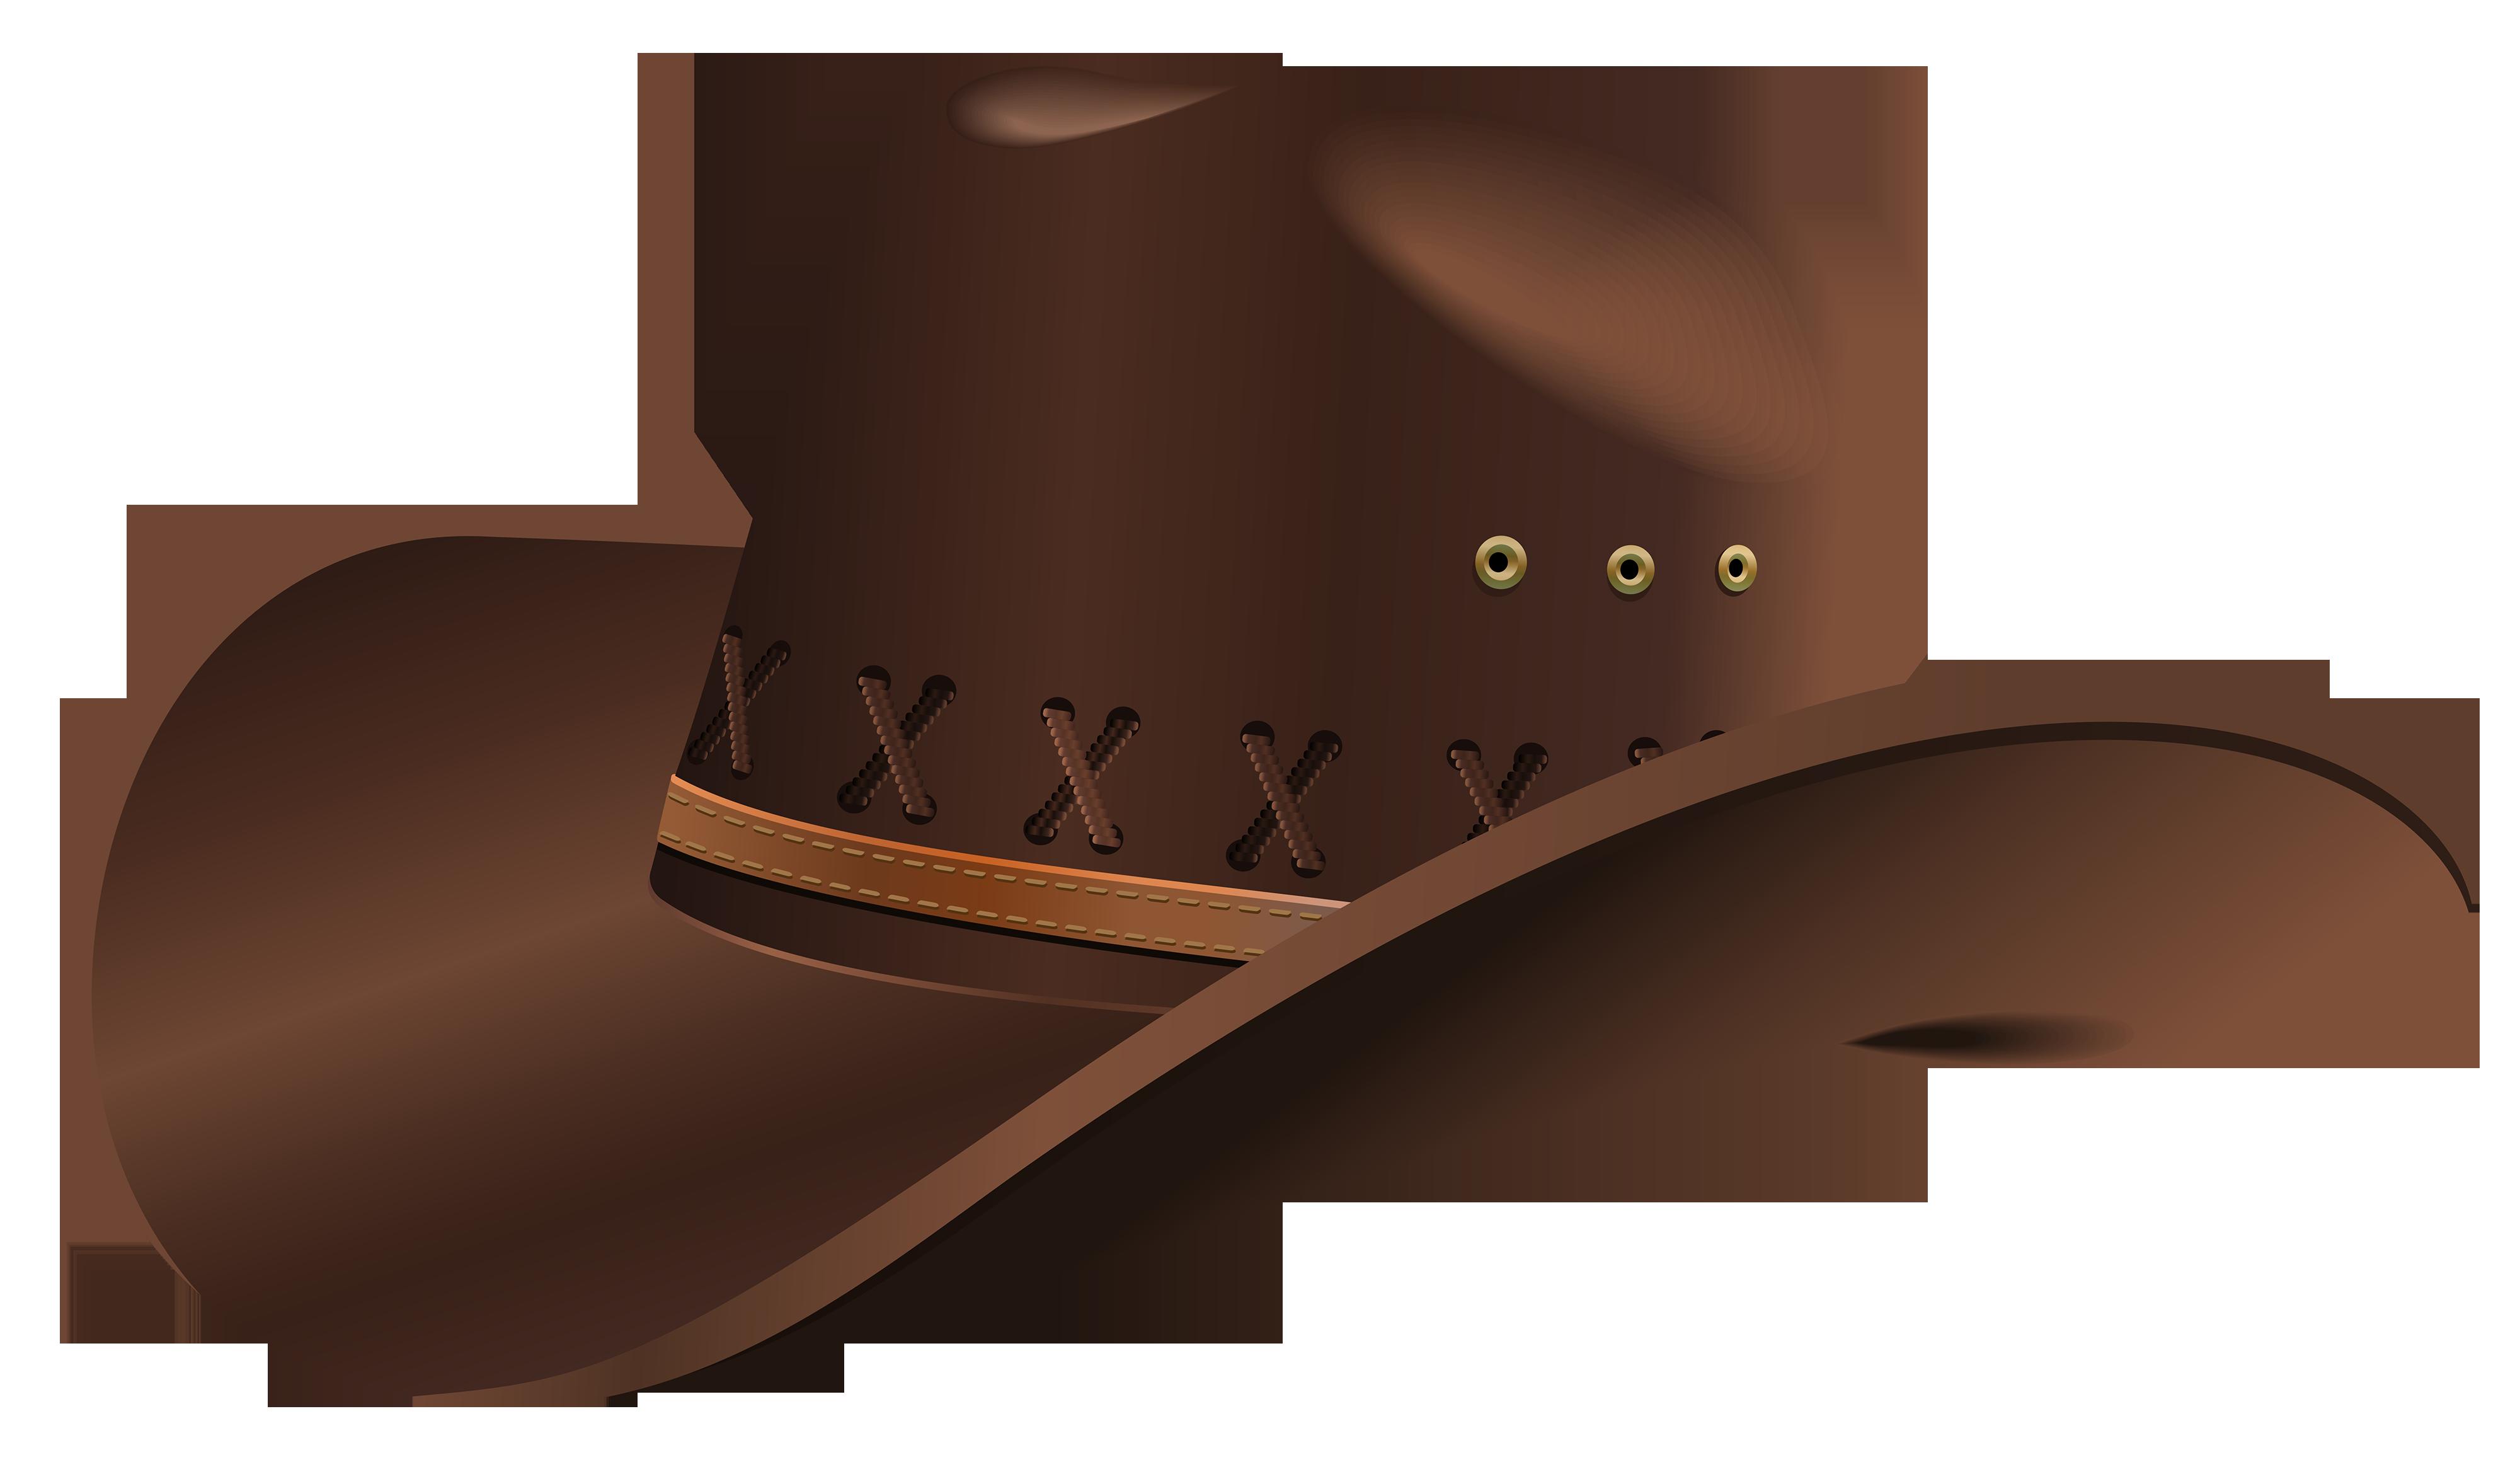 Cowboy Hat Clipart Png & Free Cowboy Hat Clipart.png.